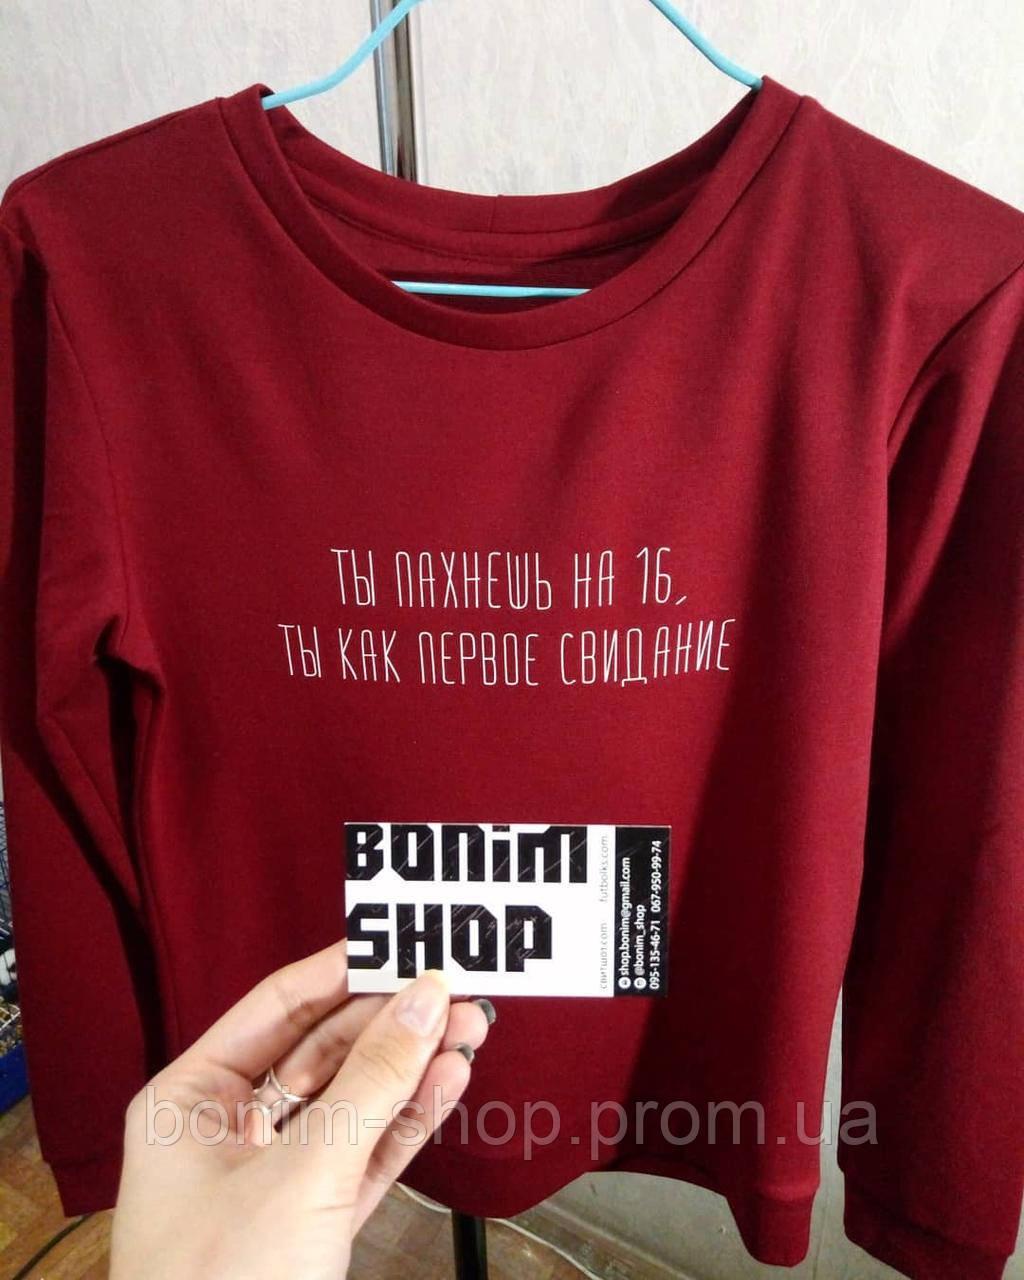 Красный женский свитшот с принтом Ты пахнешь на 16, ты как первое свидание